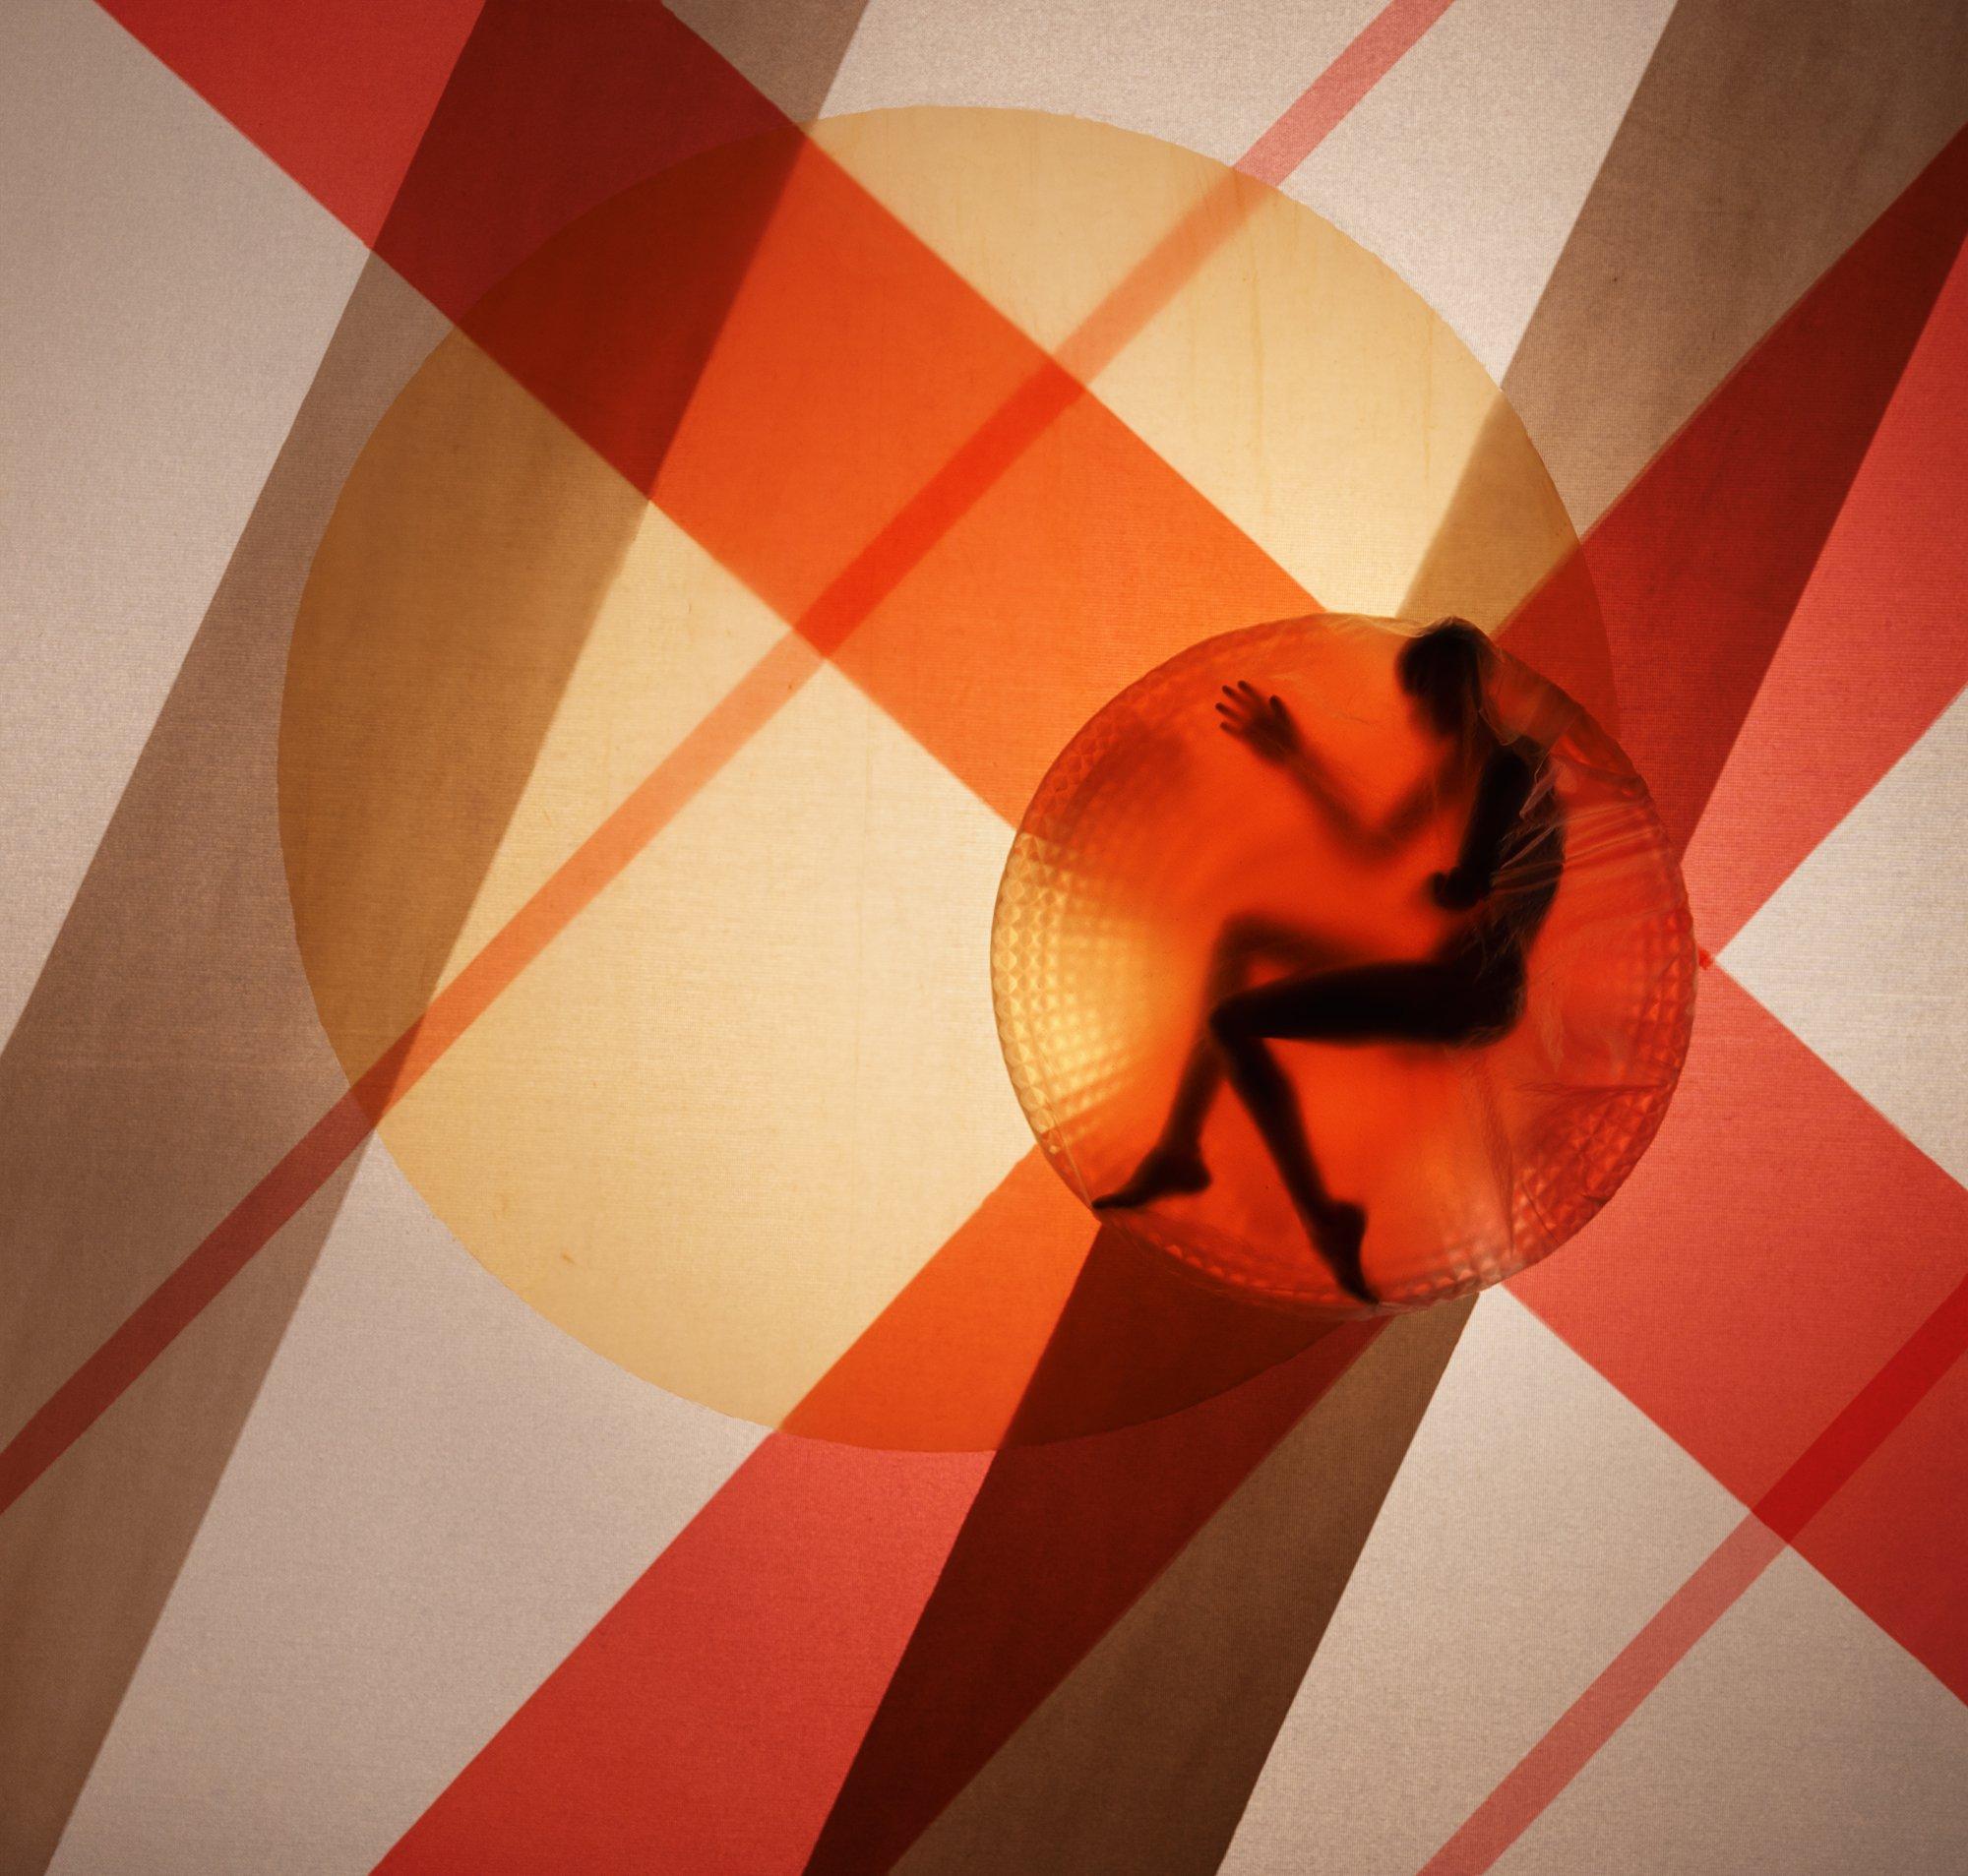 концептуальная, фотография, постановка, парышков, конструктивизм, человек, психология, nikon, z50, Парышков Сергей